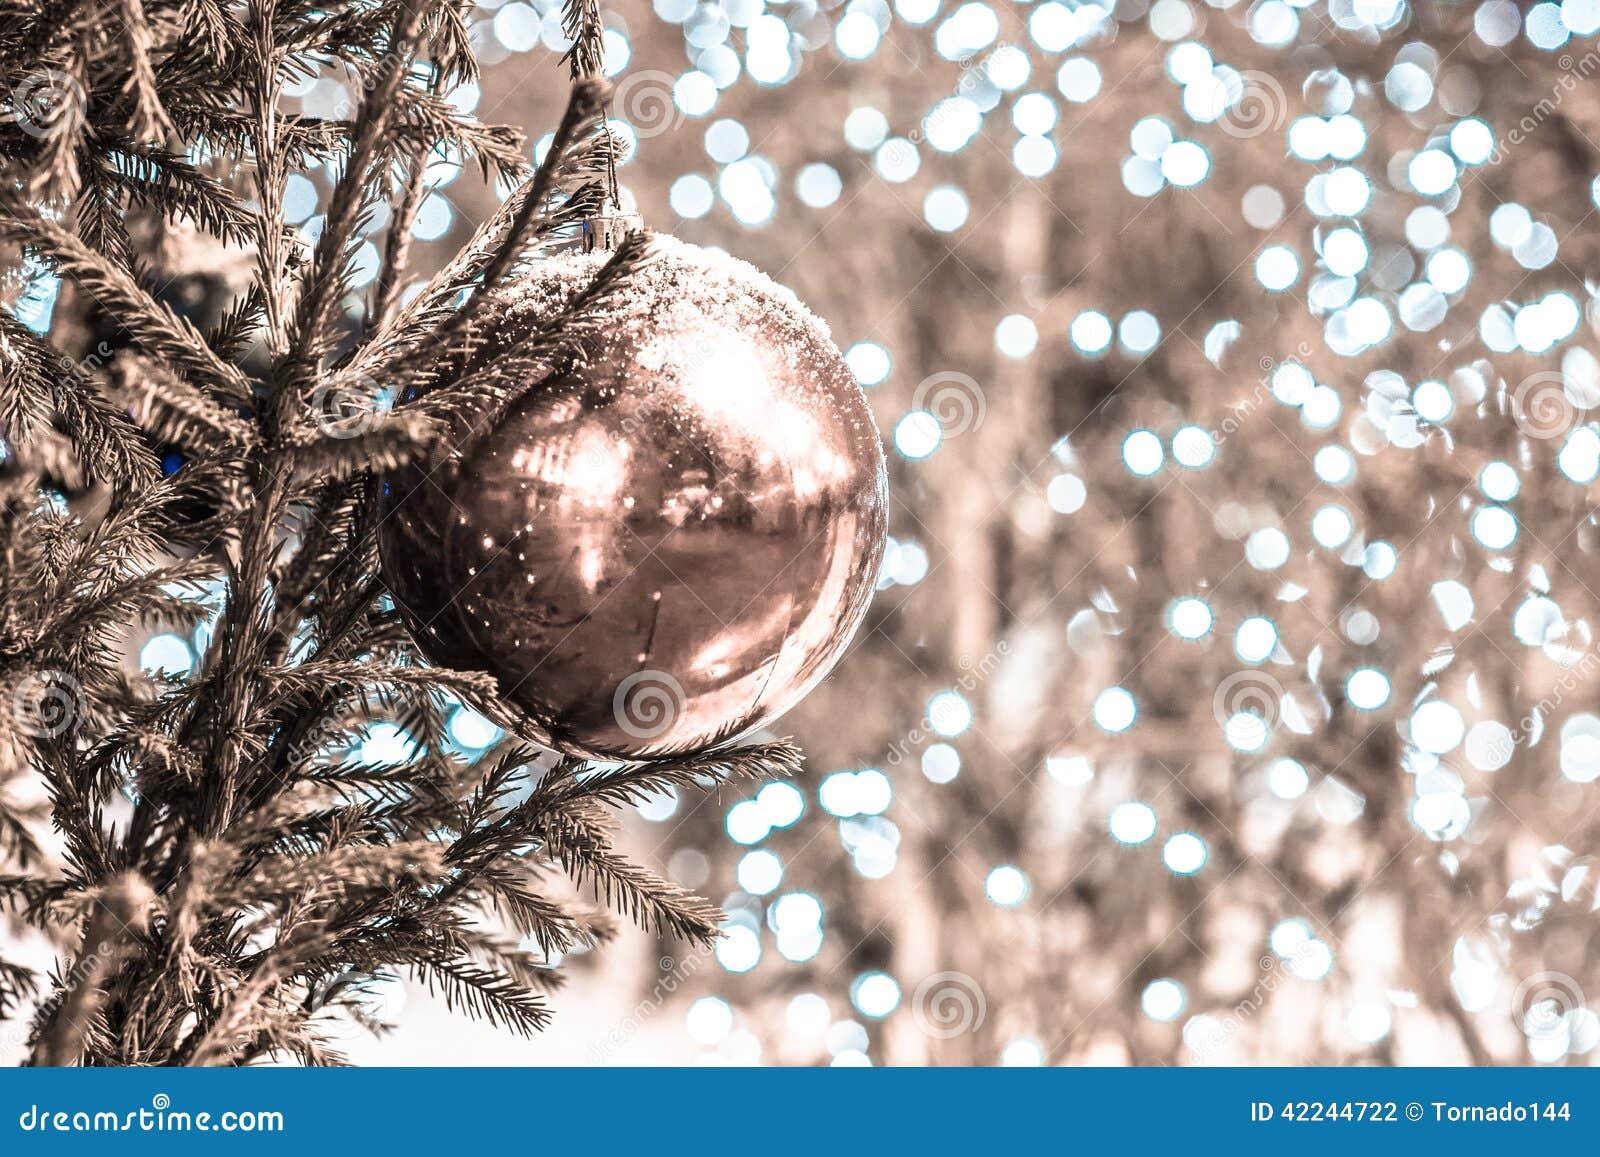 Bola Navidad Decoraci Ef Bf Bdn